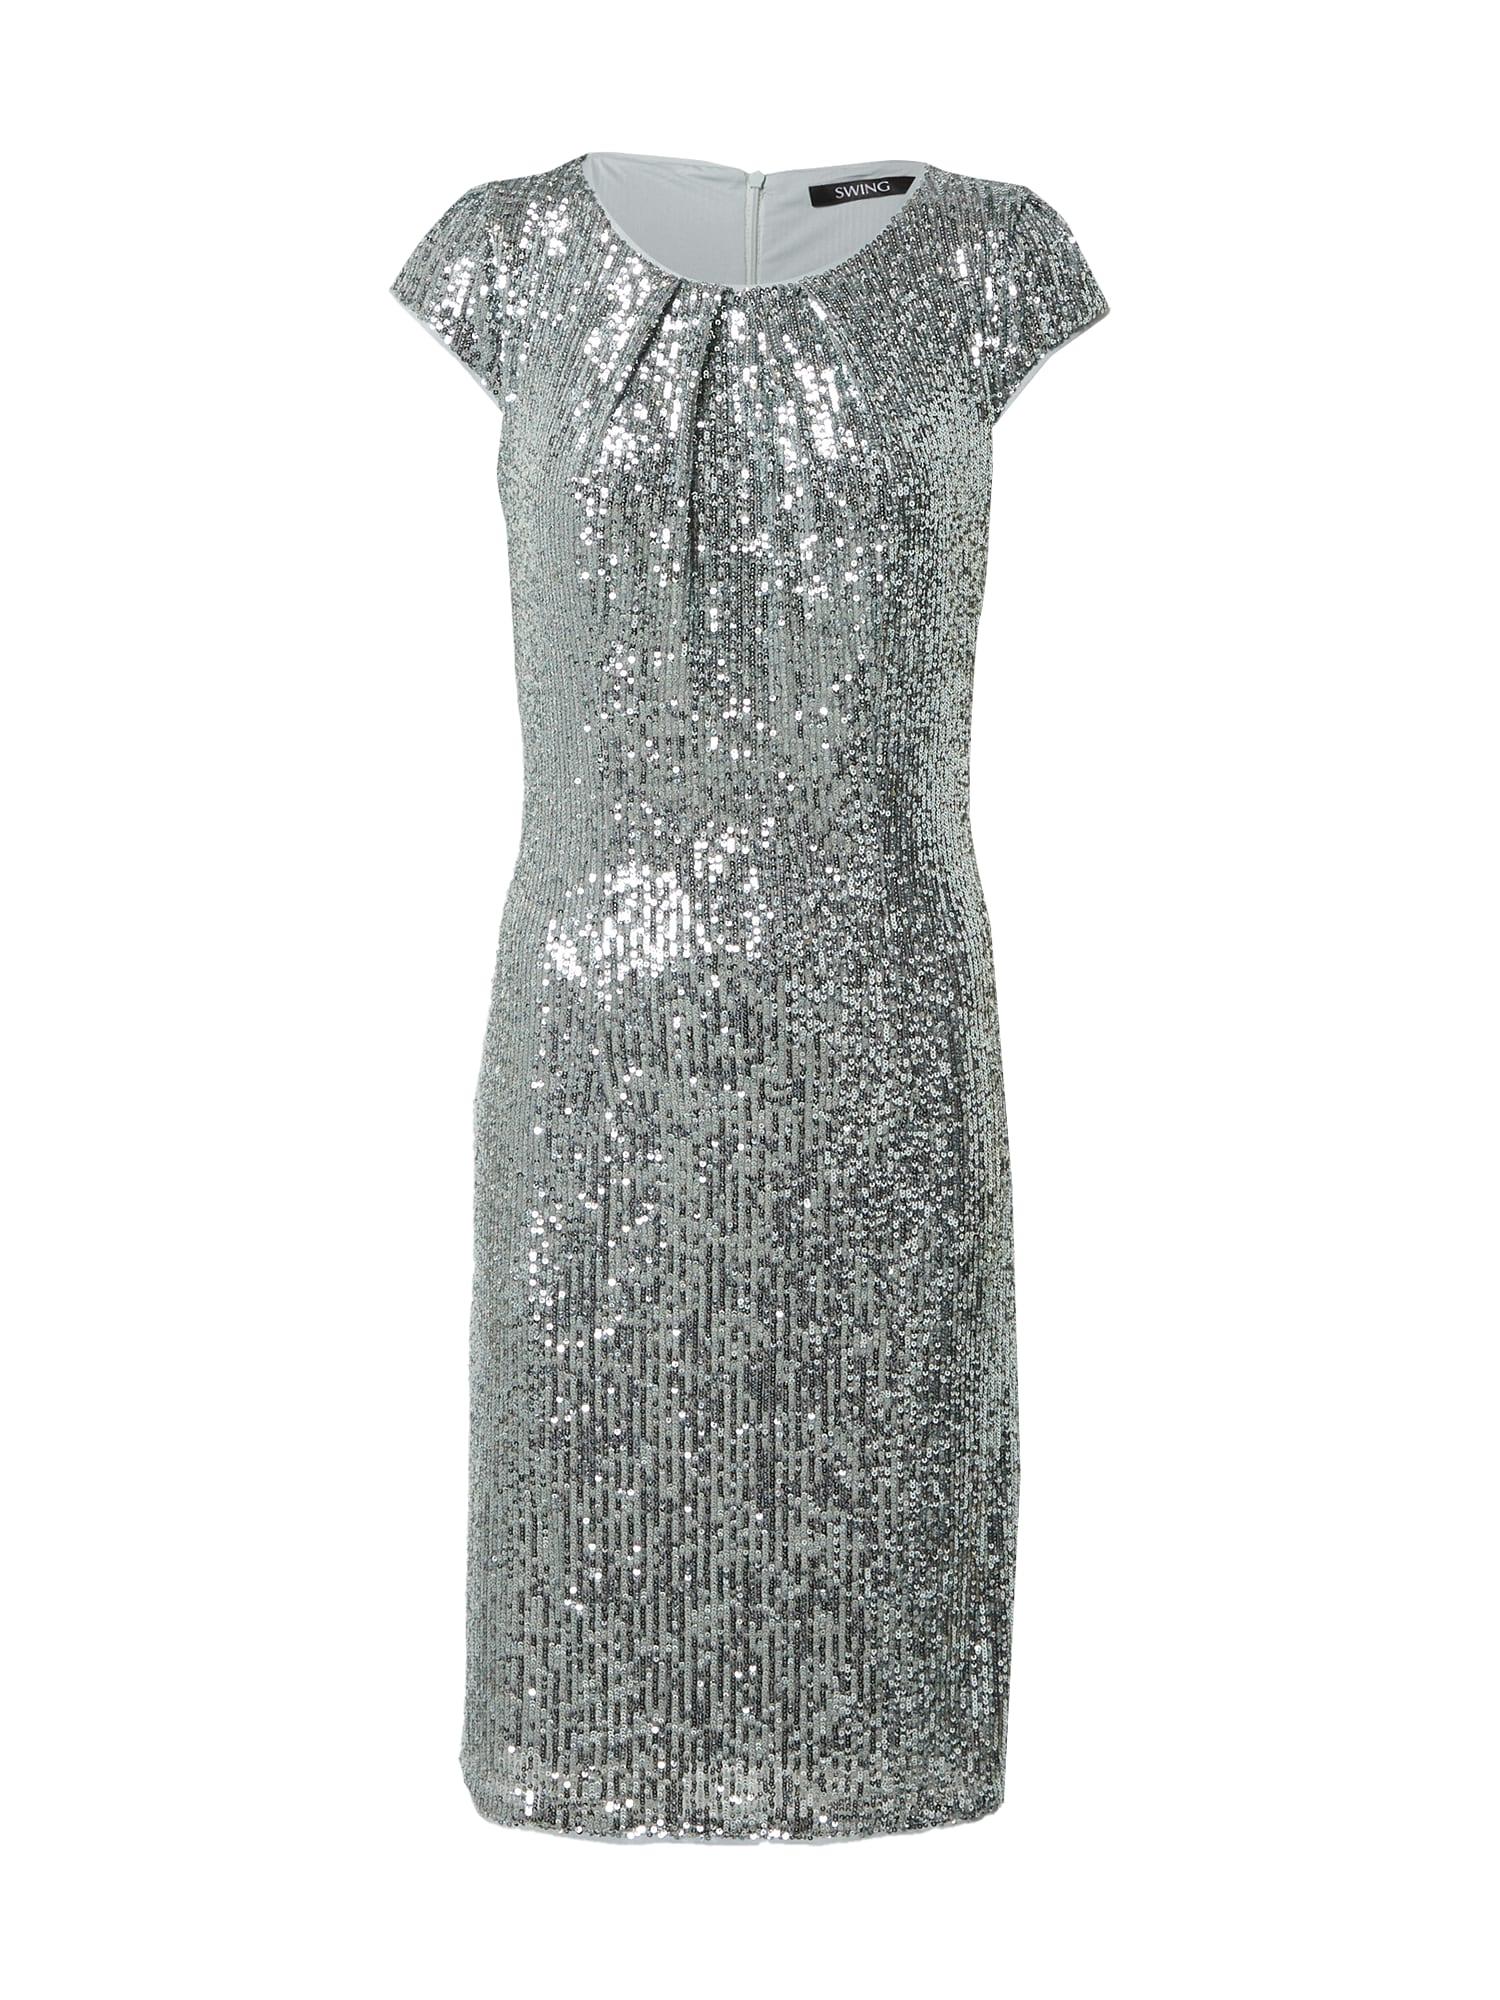 SWING Kokteilinė suknelė sidabrinė